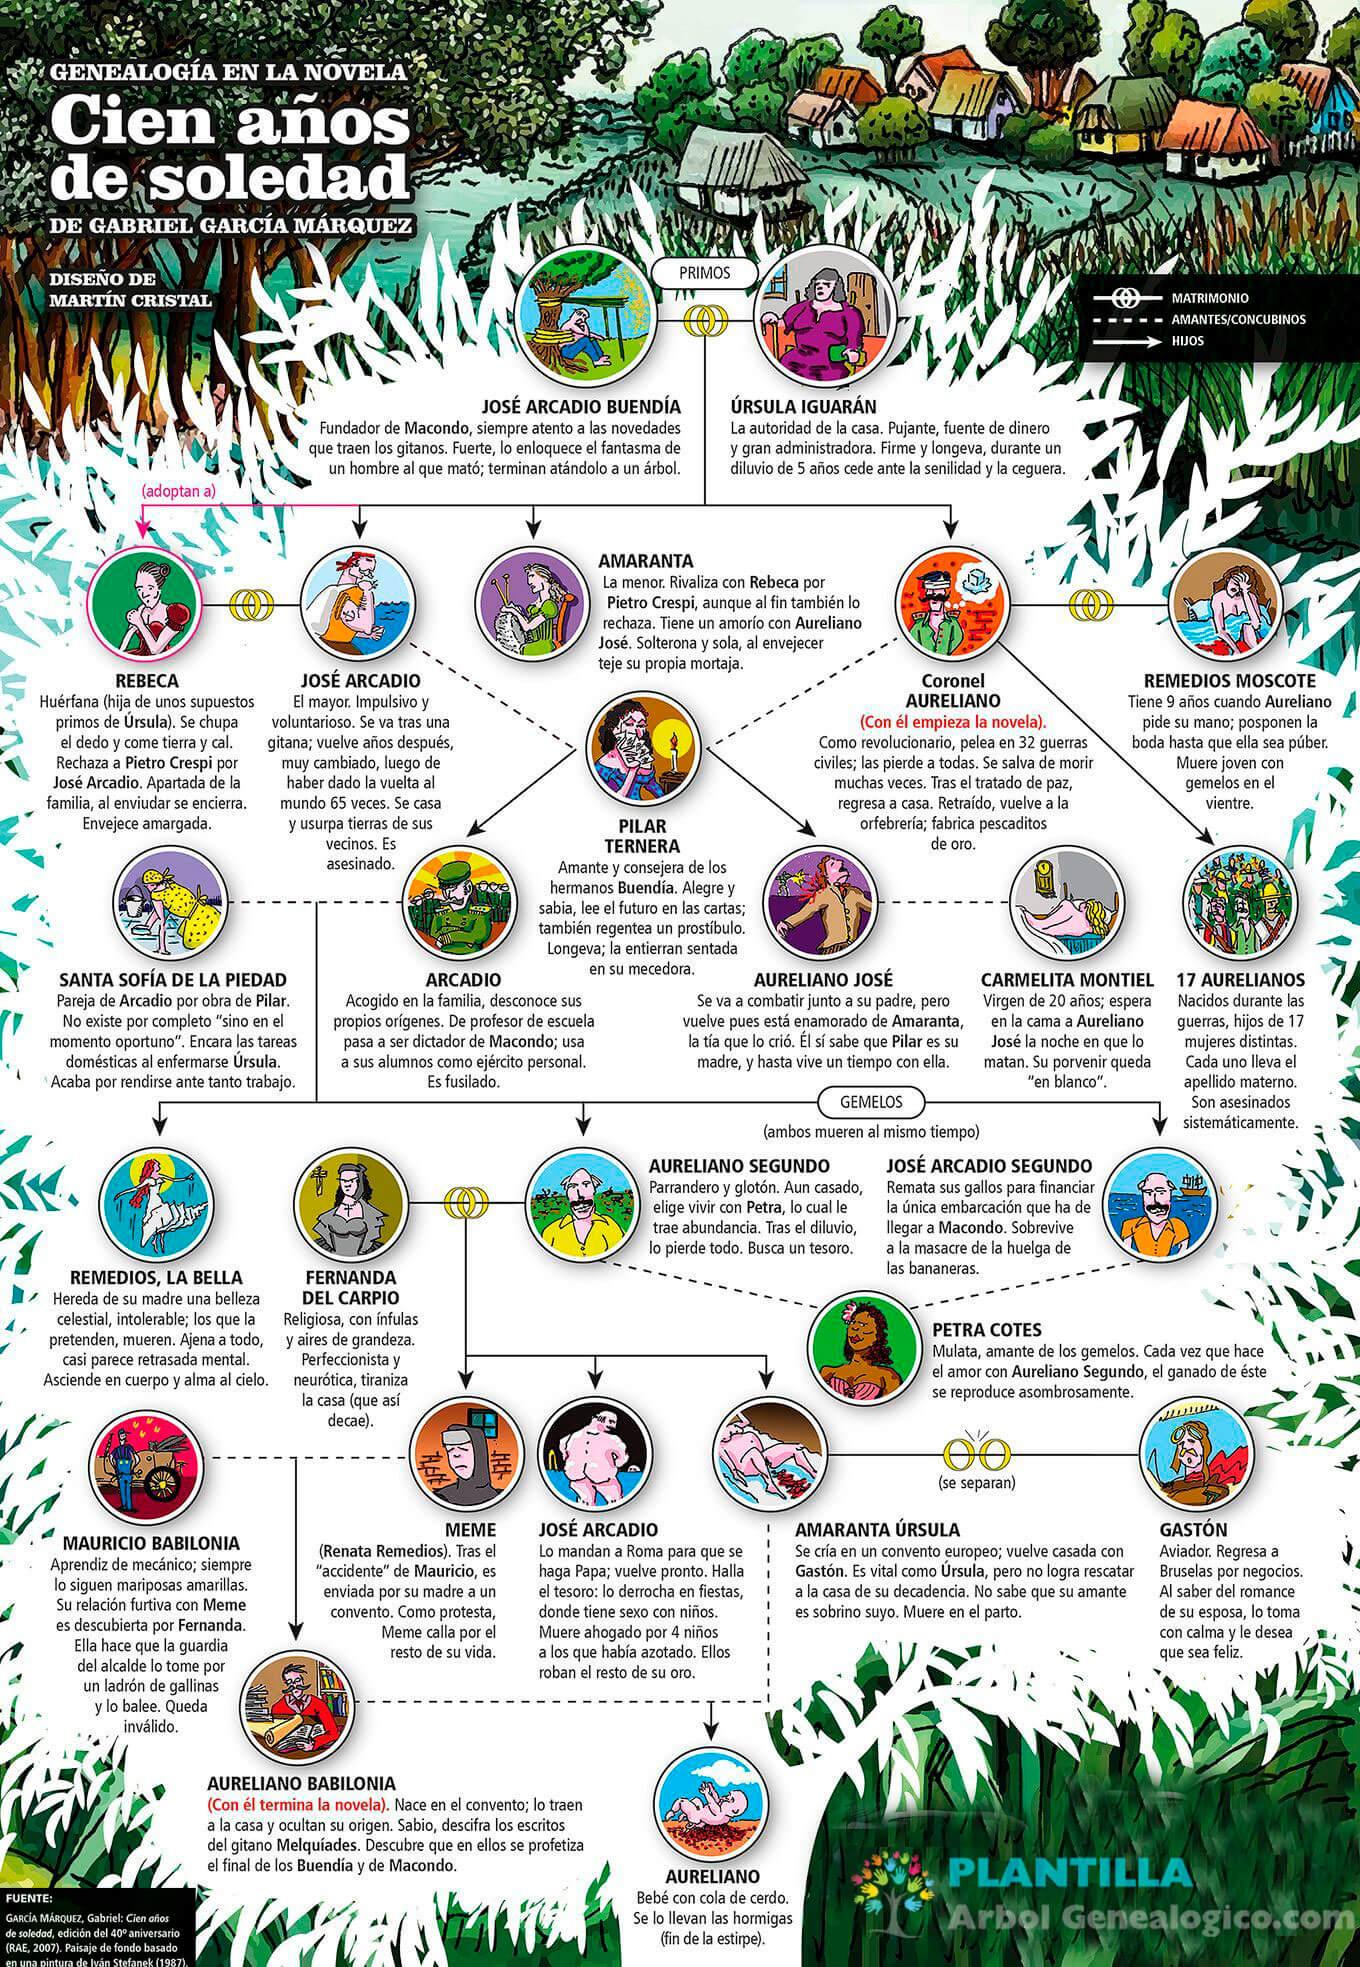 Arbol genealogico ilustrado Cien años de soledad - completo